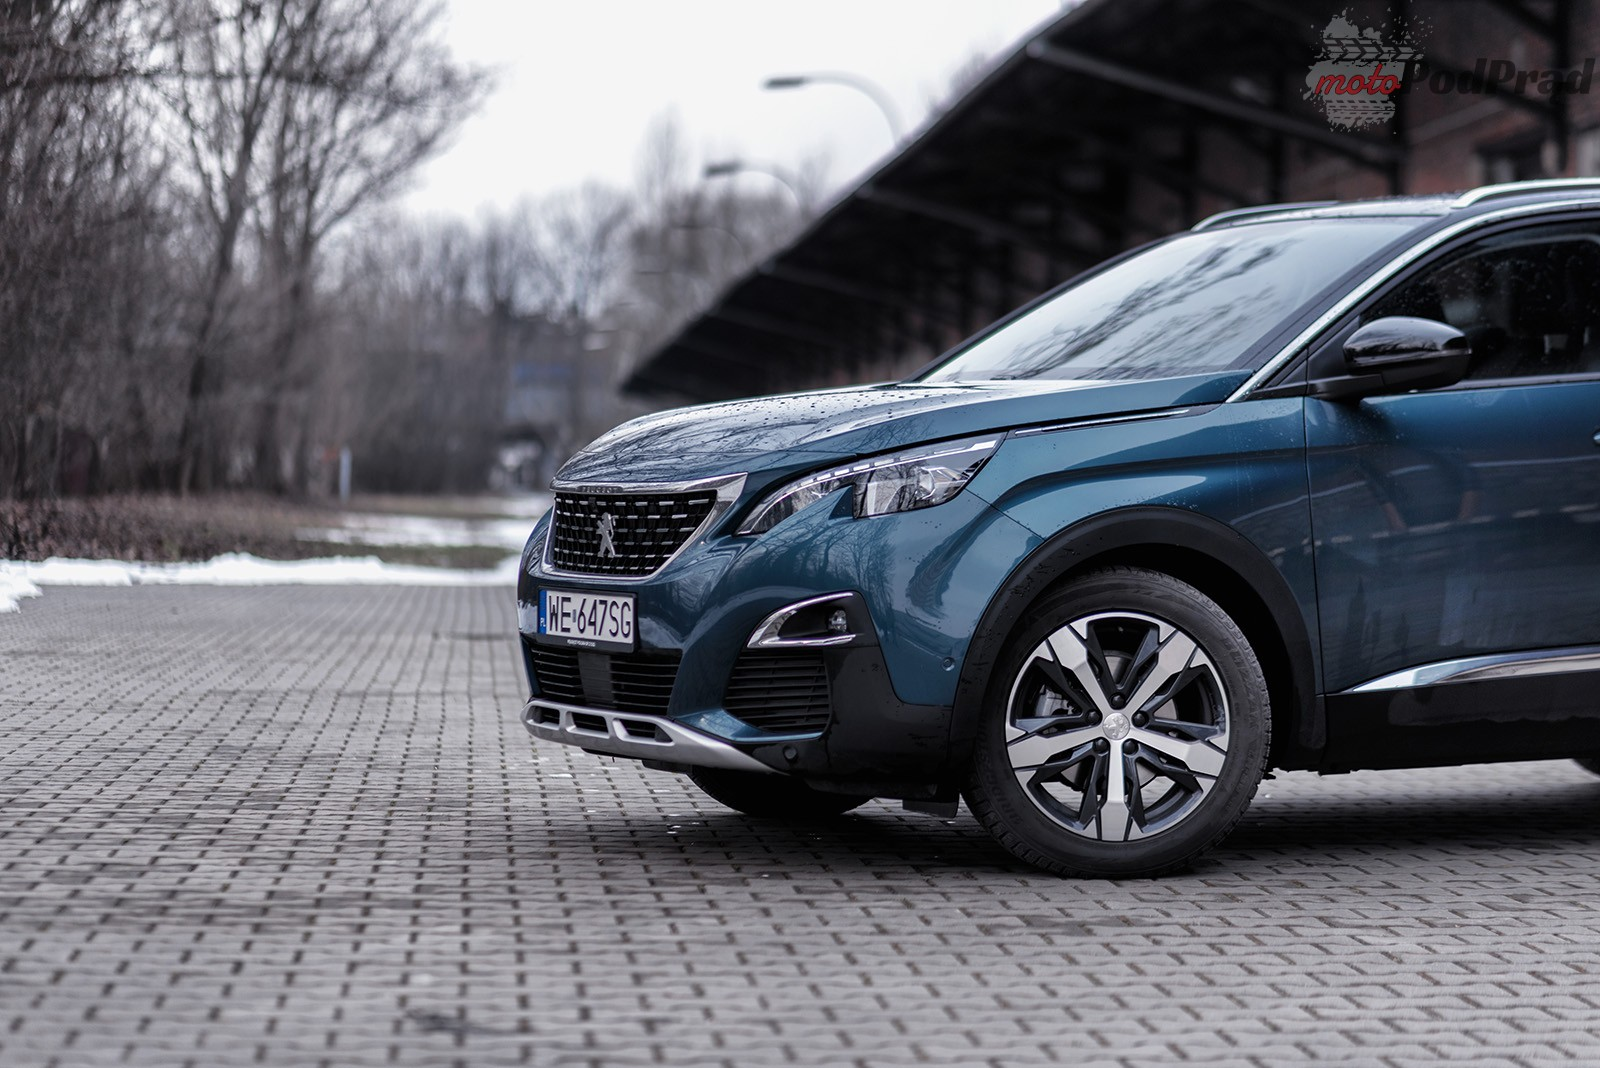 Peugeot 5008 8 Test: Peugeot 5008 2.0 HDI 150 KM   pogłaskać i przytulić